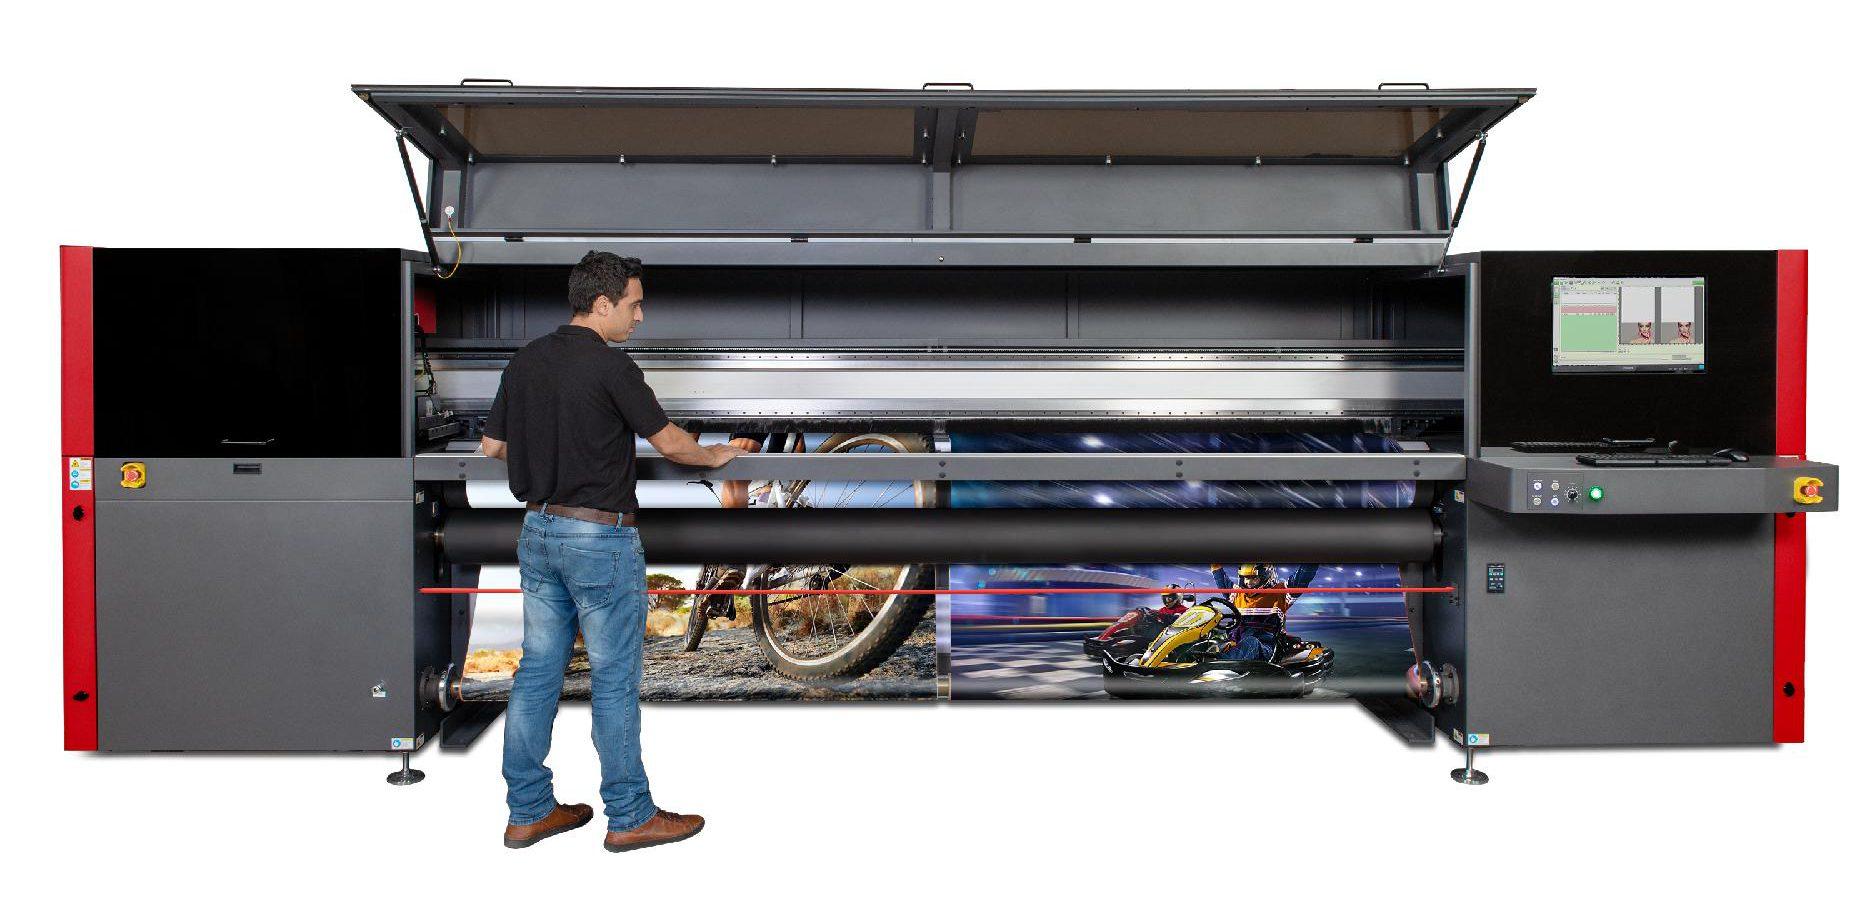 לראשונה בישראל: מכונת דפוס חדשנית ומתקדמת נחתה בדטה פרינט 2